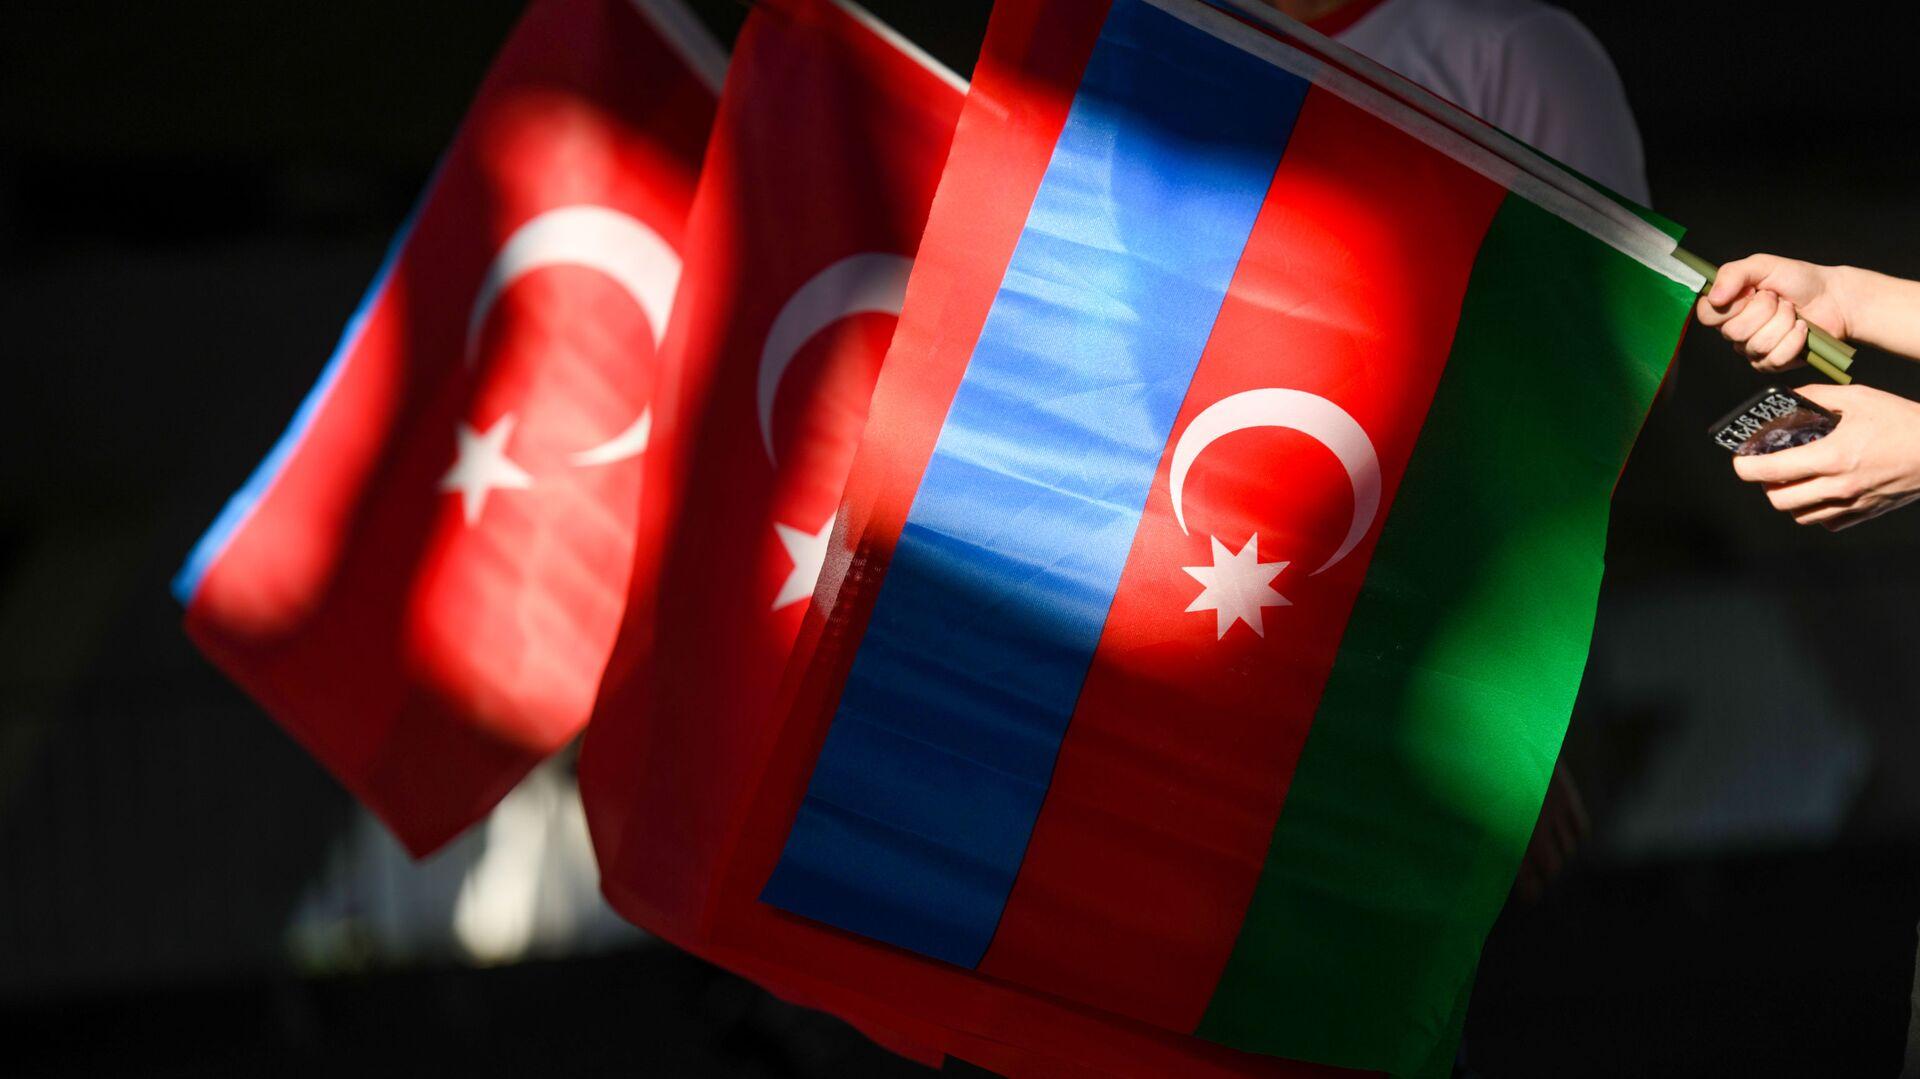 Флаги Азербайджана и Турции - Sputnik Azərbaycan, 1920, 13.10.2021